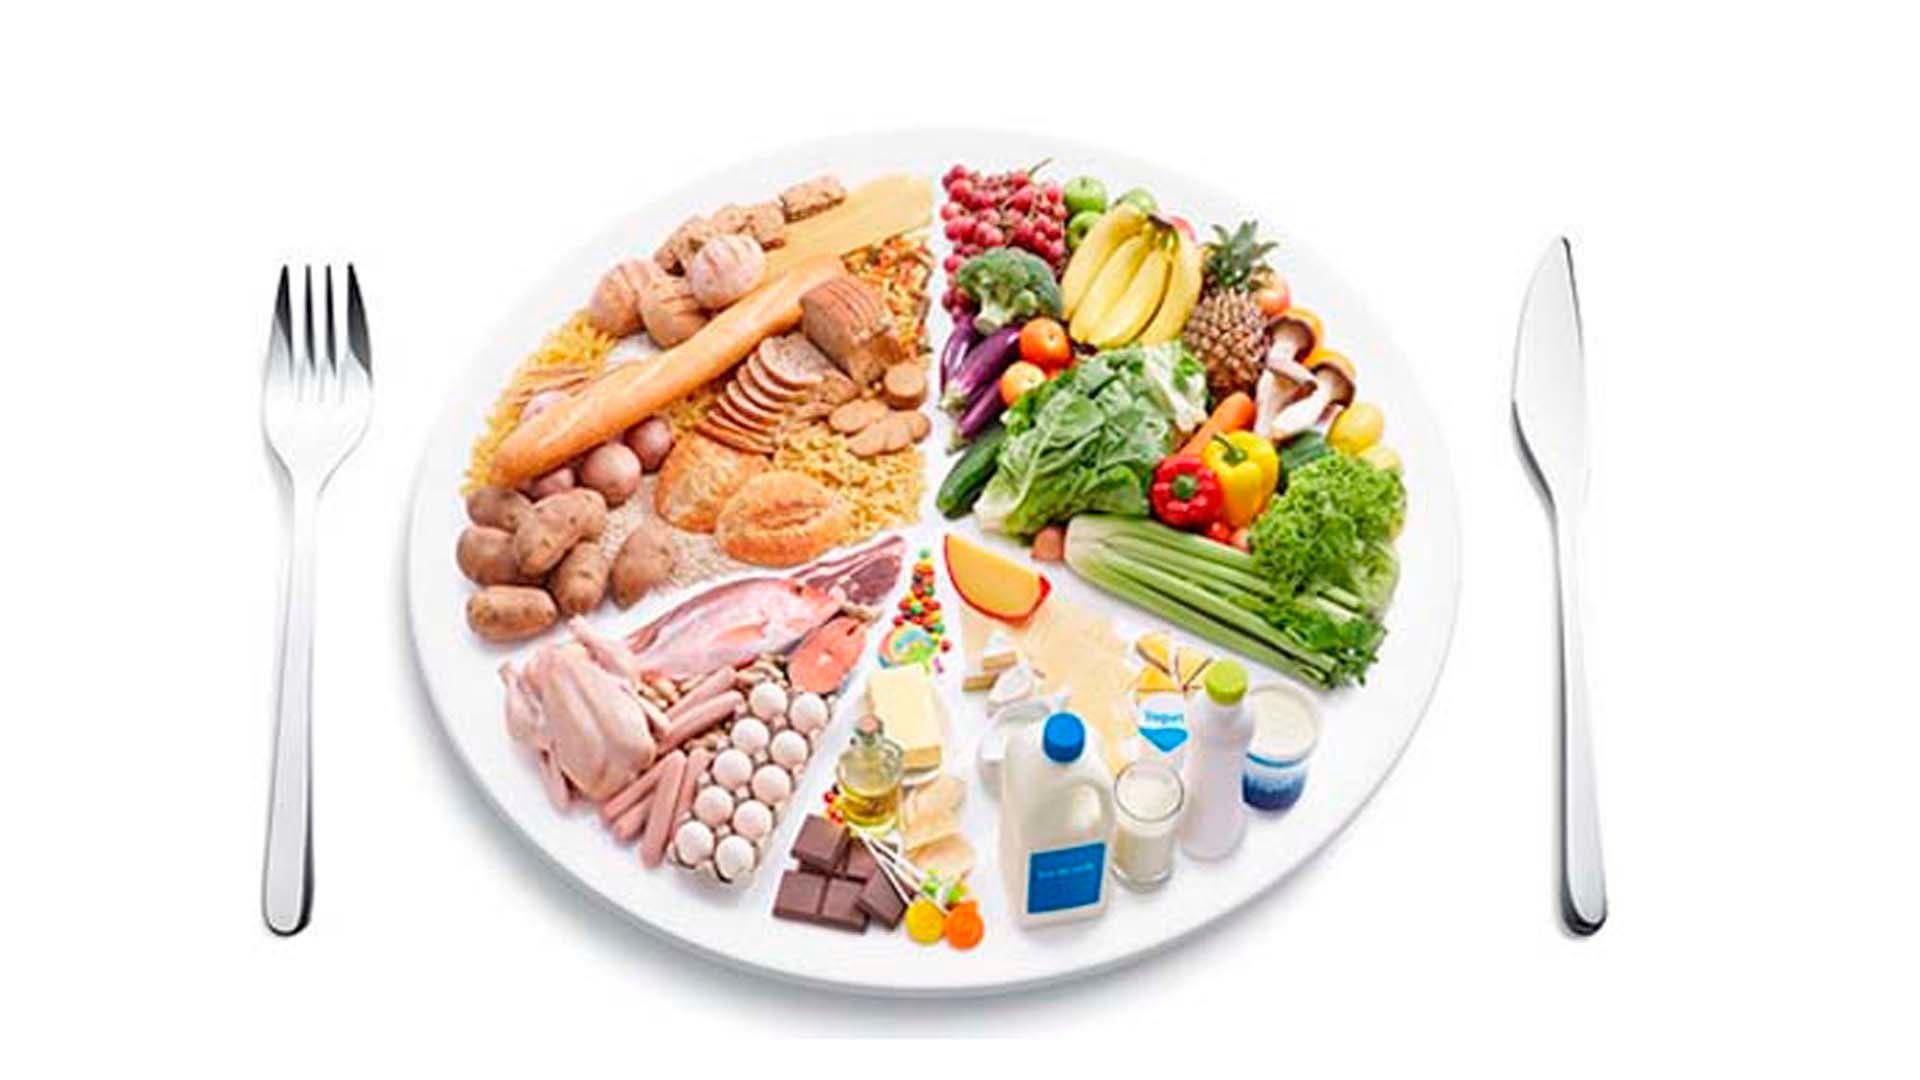 раздельное питание таблица для похудения отзывы